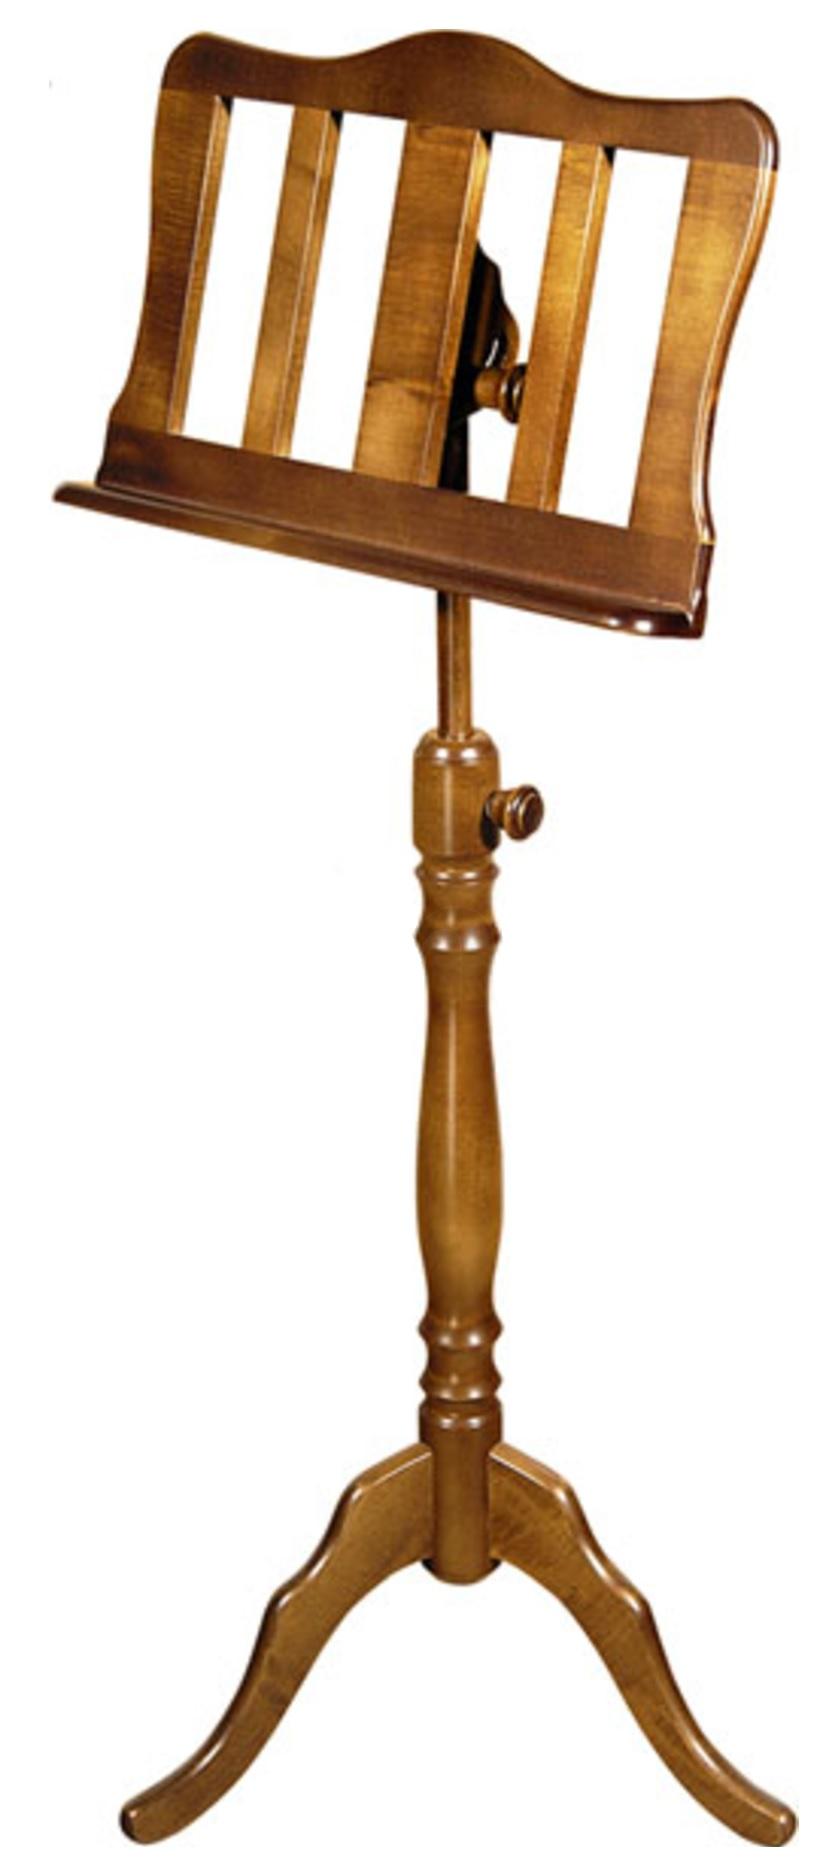 Leggio barocco made in europe tutto frassino barra e - Leggio per libri da tavolo ...